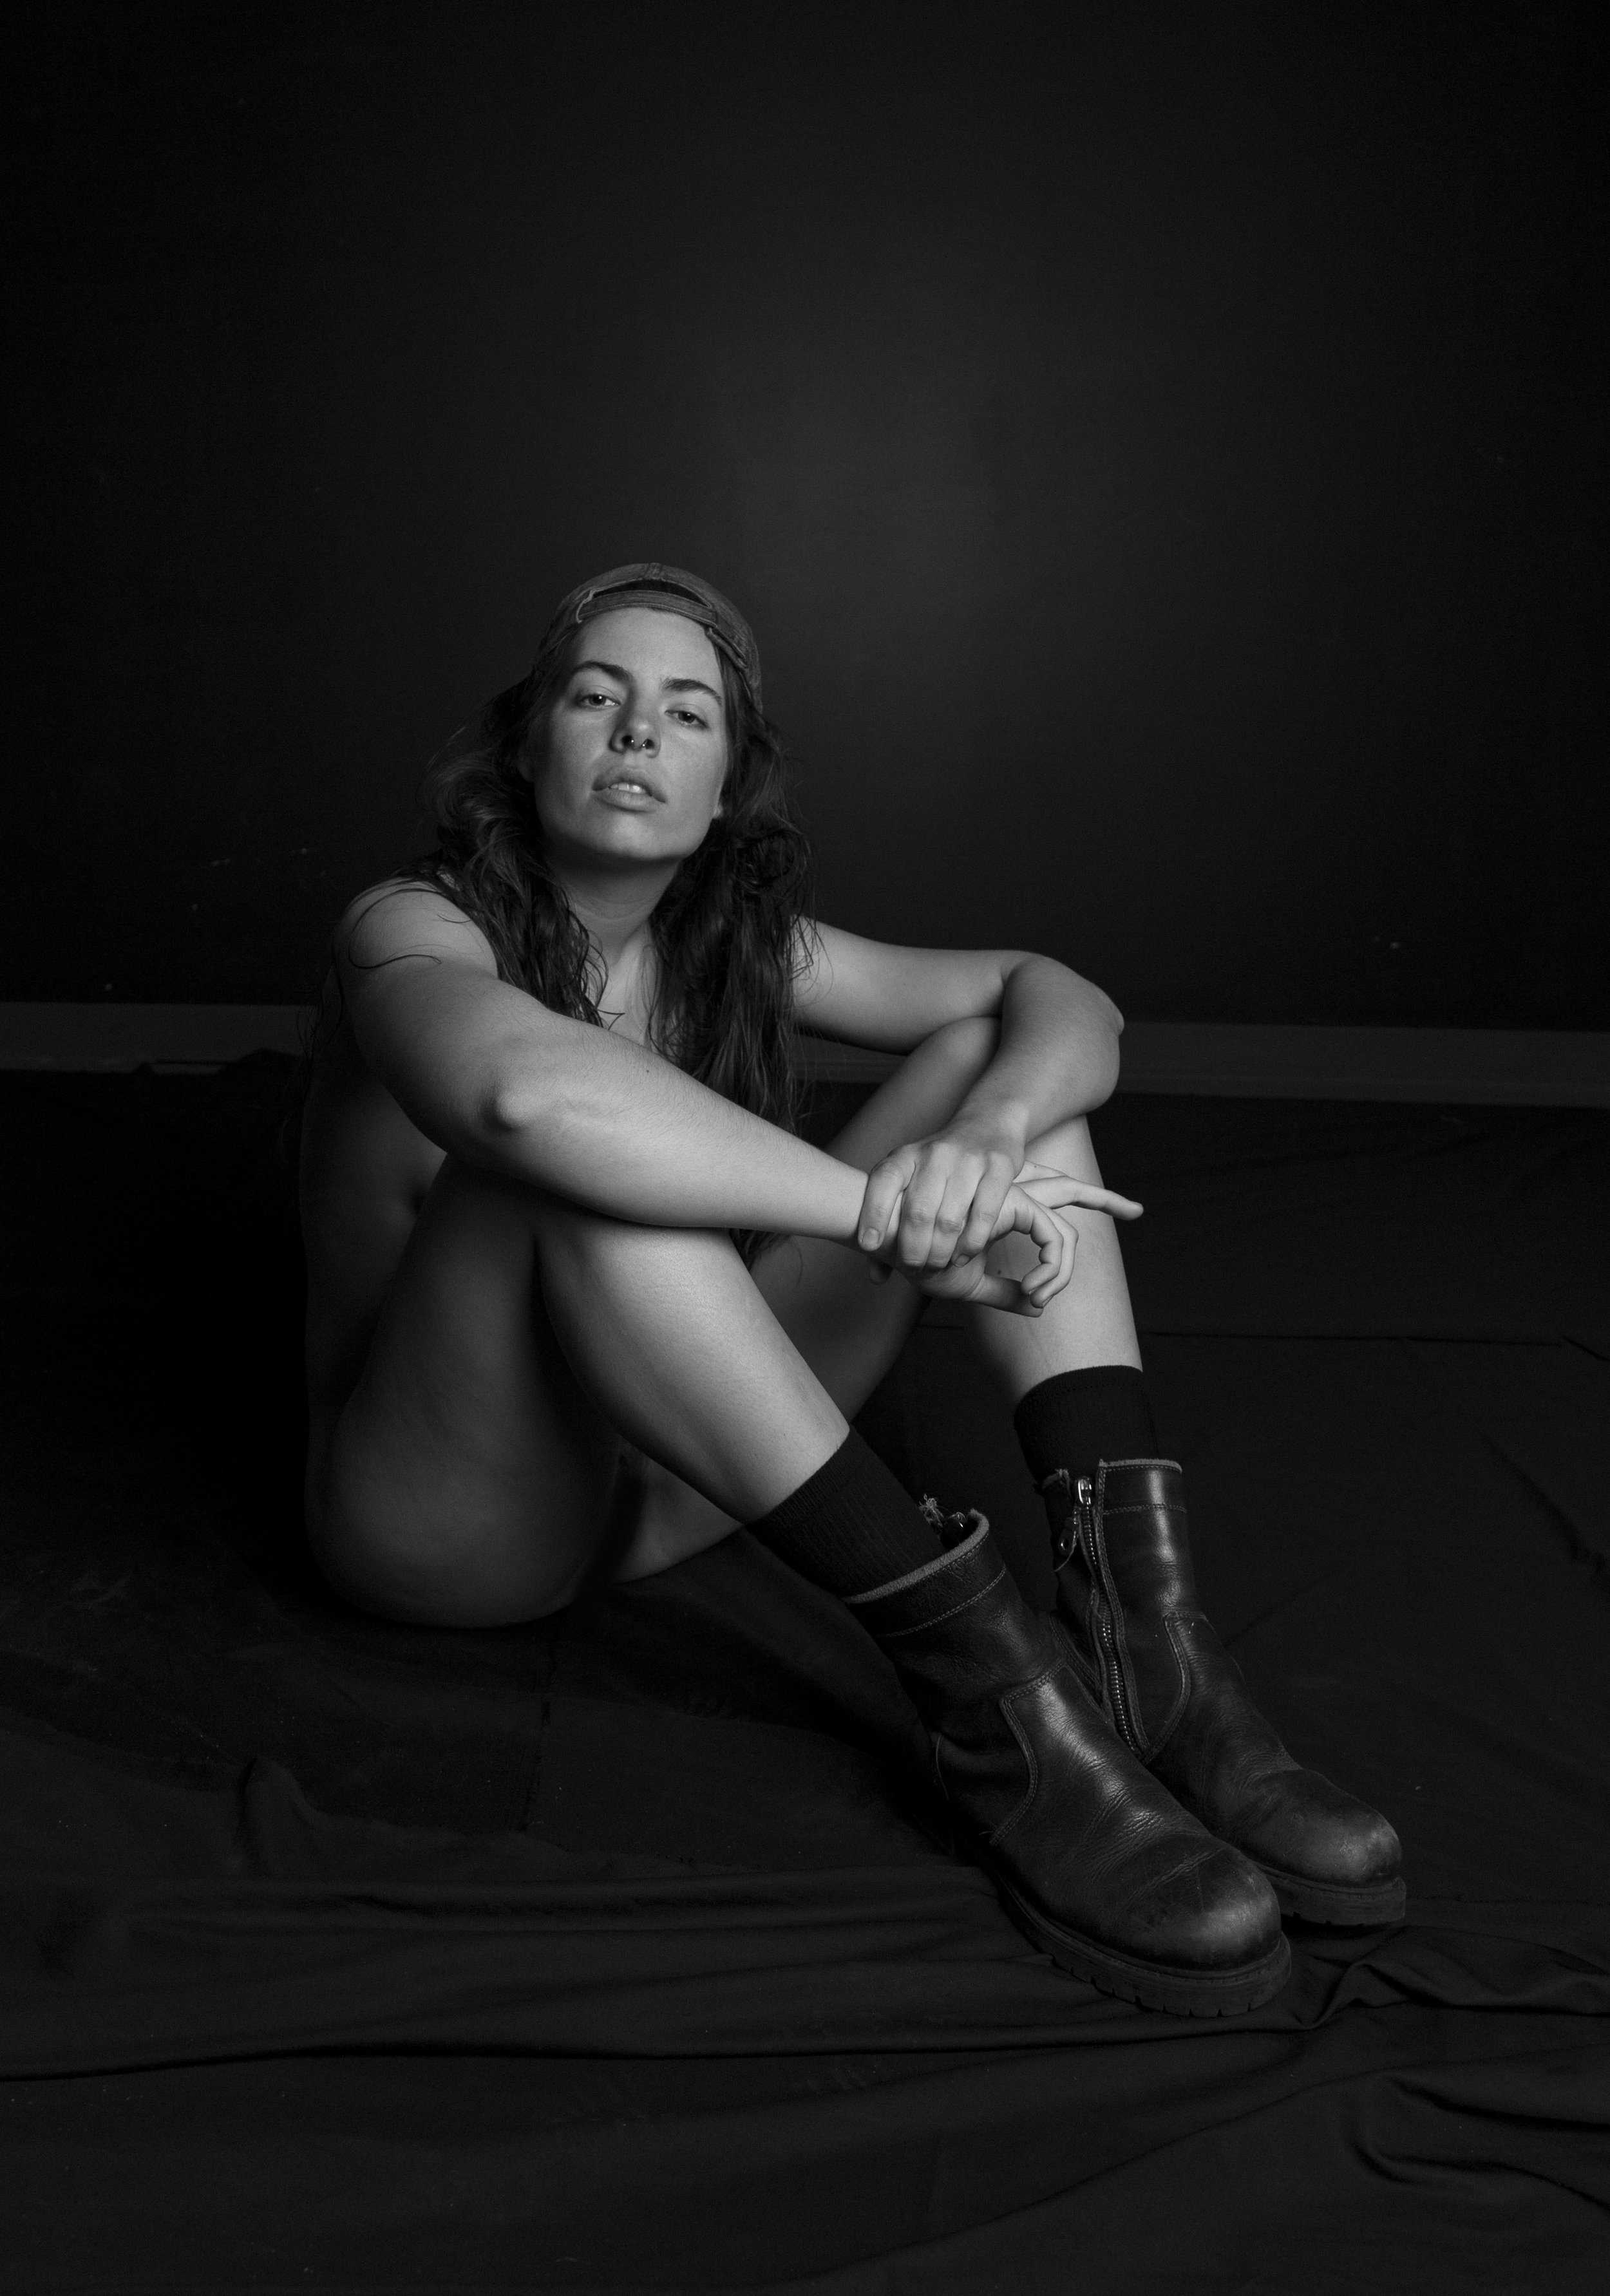 Melina / Model